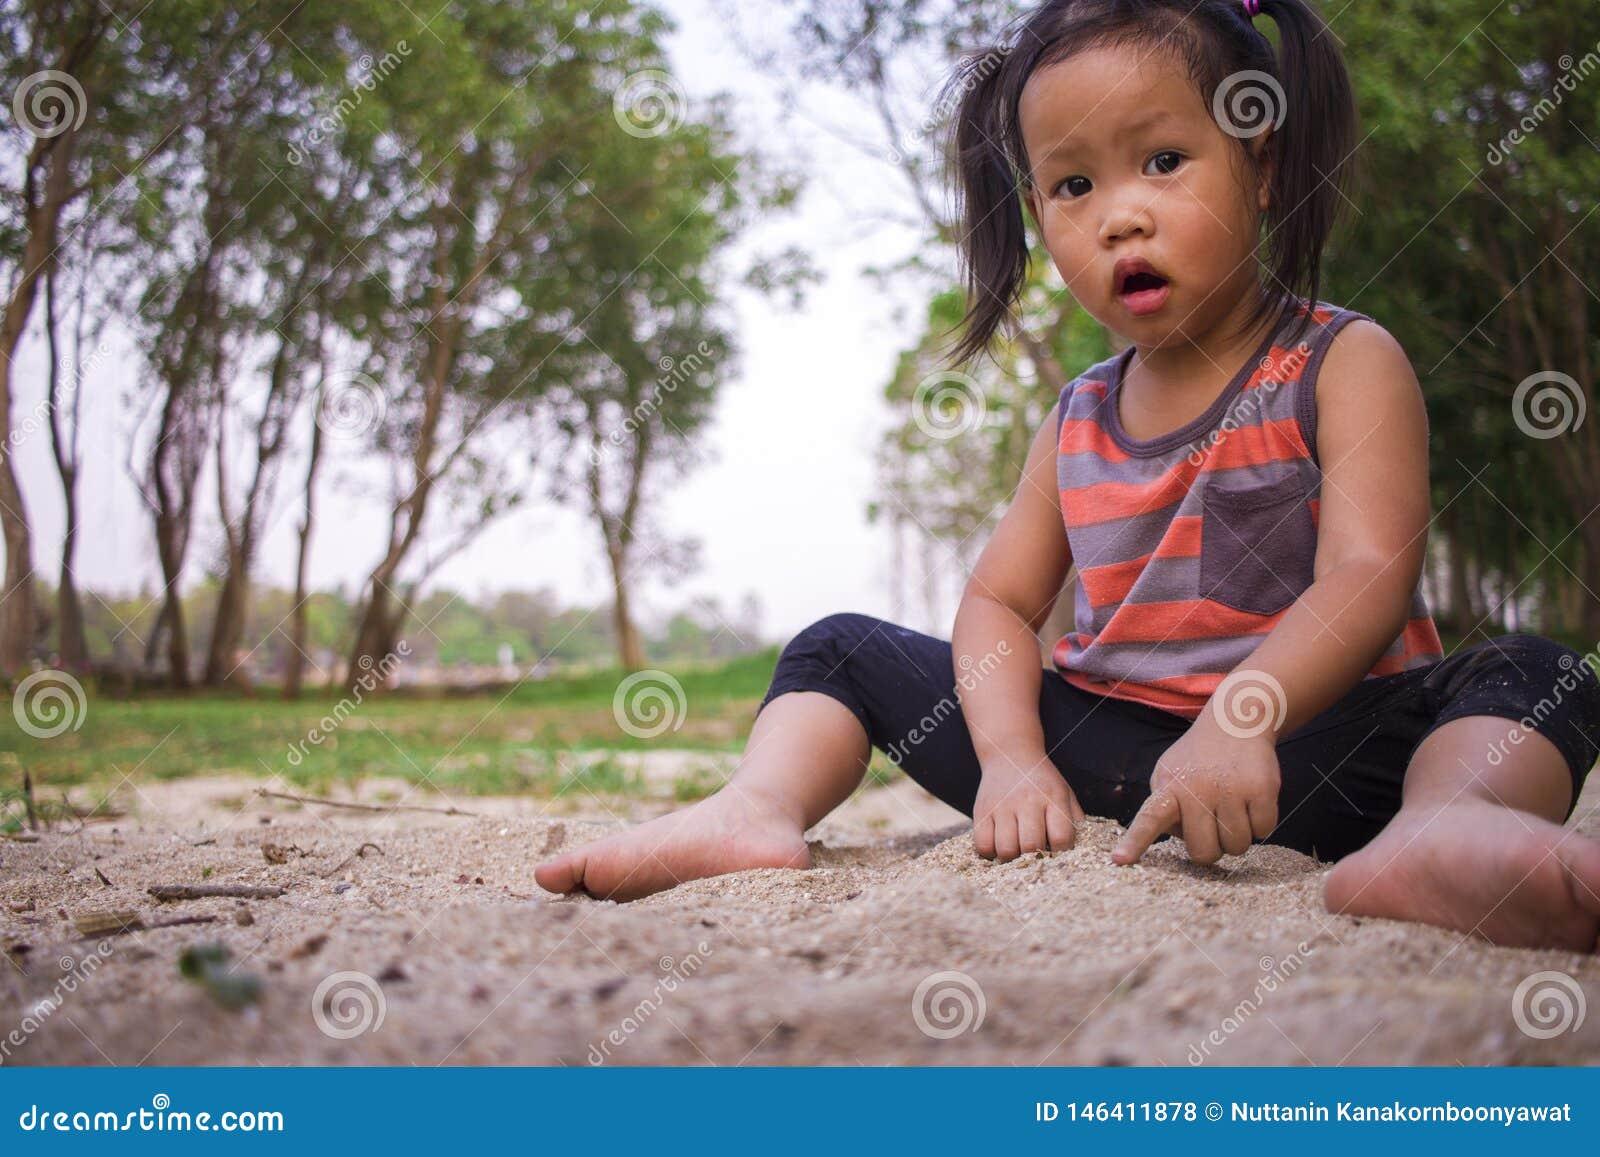 Ευτυχές παιχνίδι παιδιών με την άμμο, αστεία ασιατική οικογένεια σε ένα πάρκο